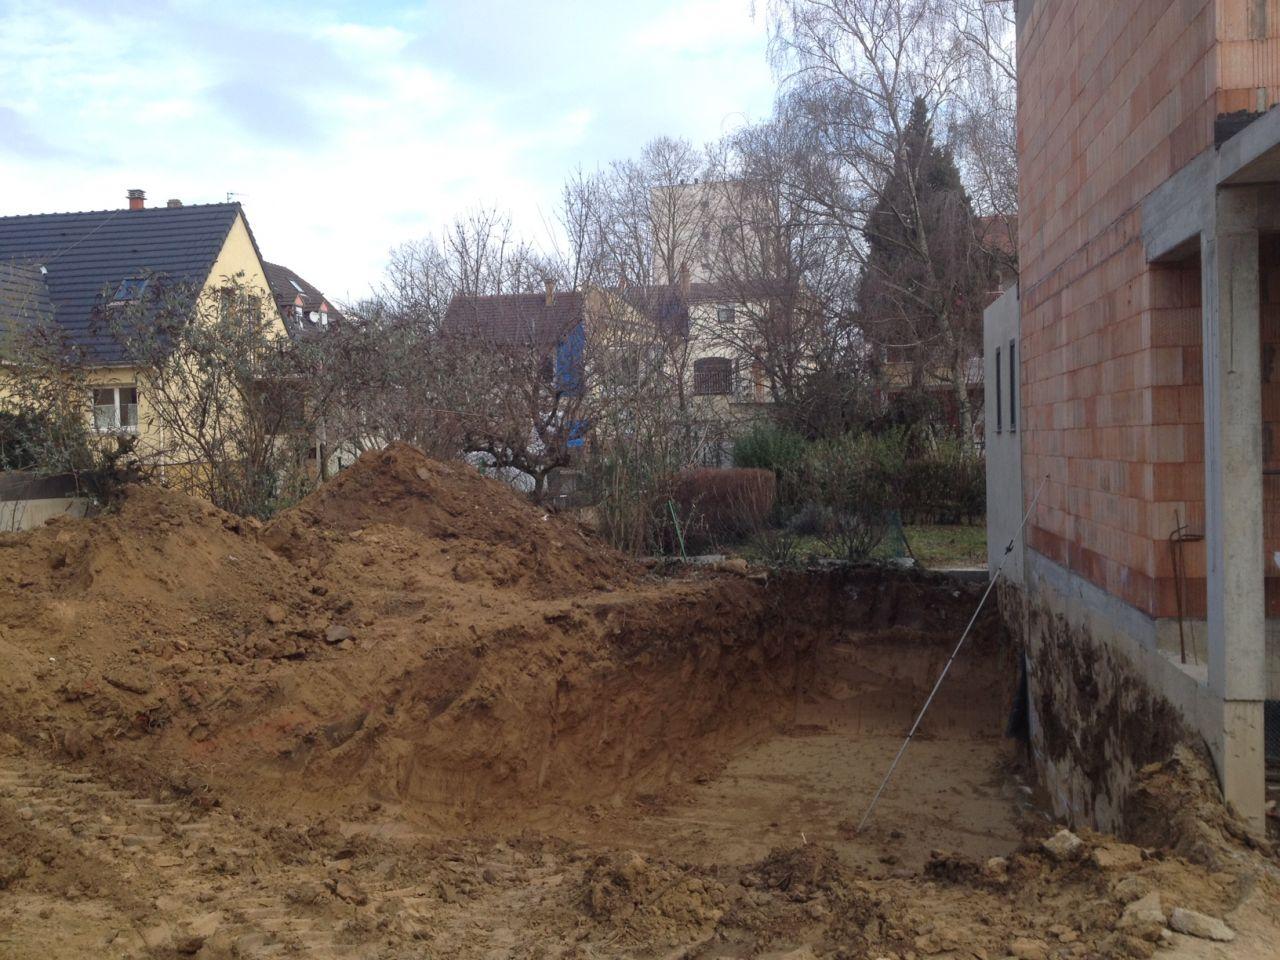 Début du terrassement (la maison en construction à droite sur la photo est celle du voisin).